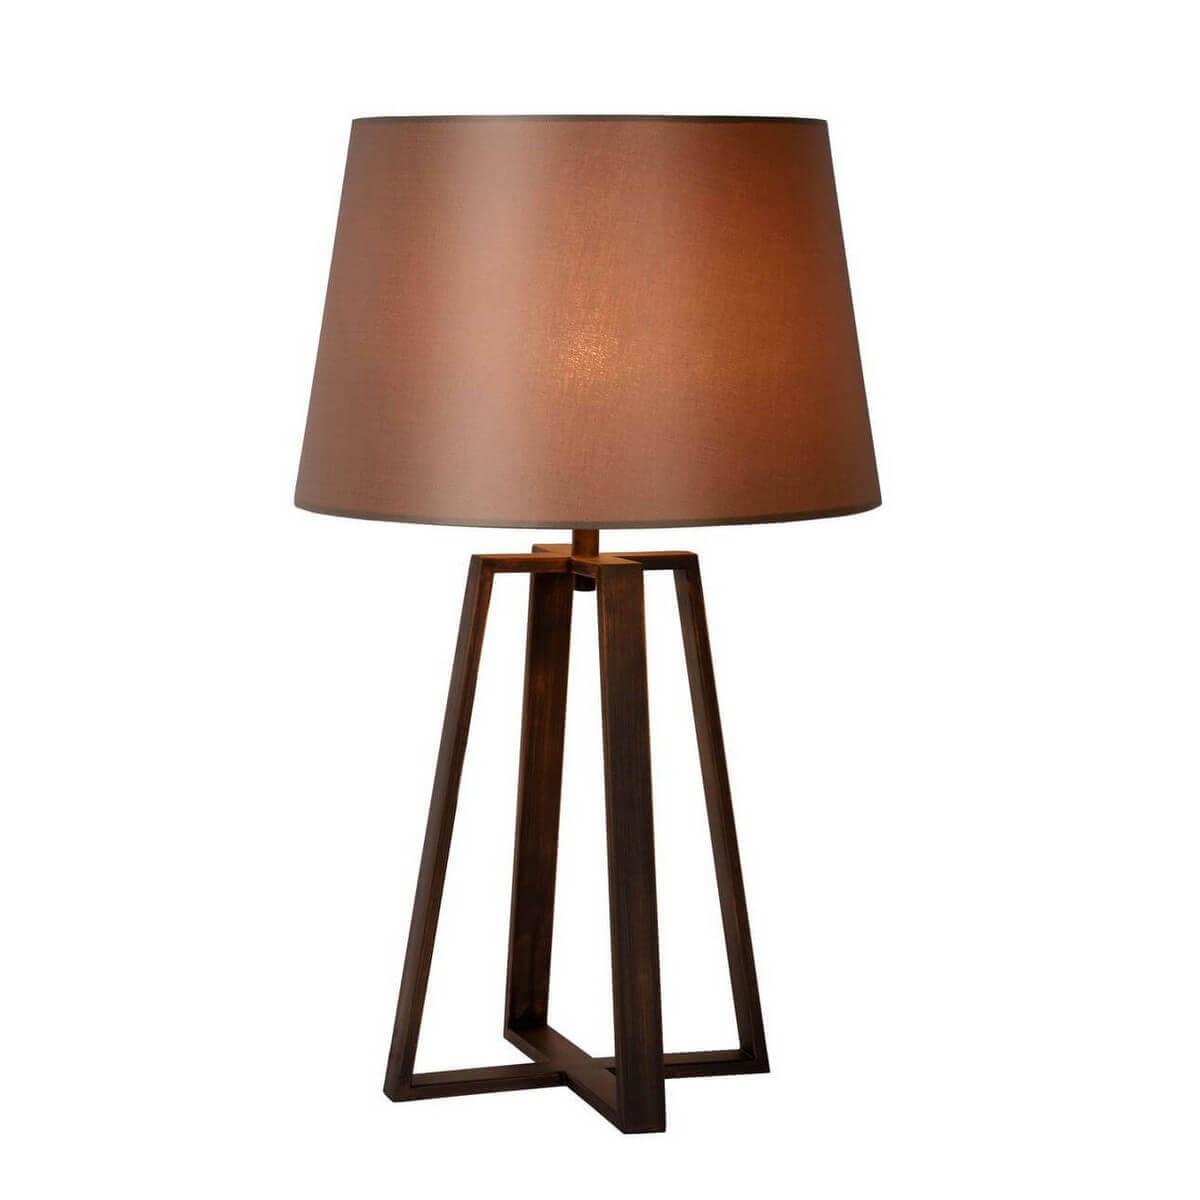 Настольная лампа Lucide 31598/81/97 Coffee Lamp